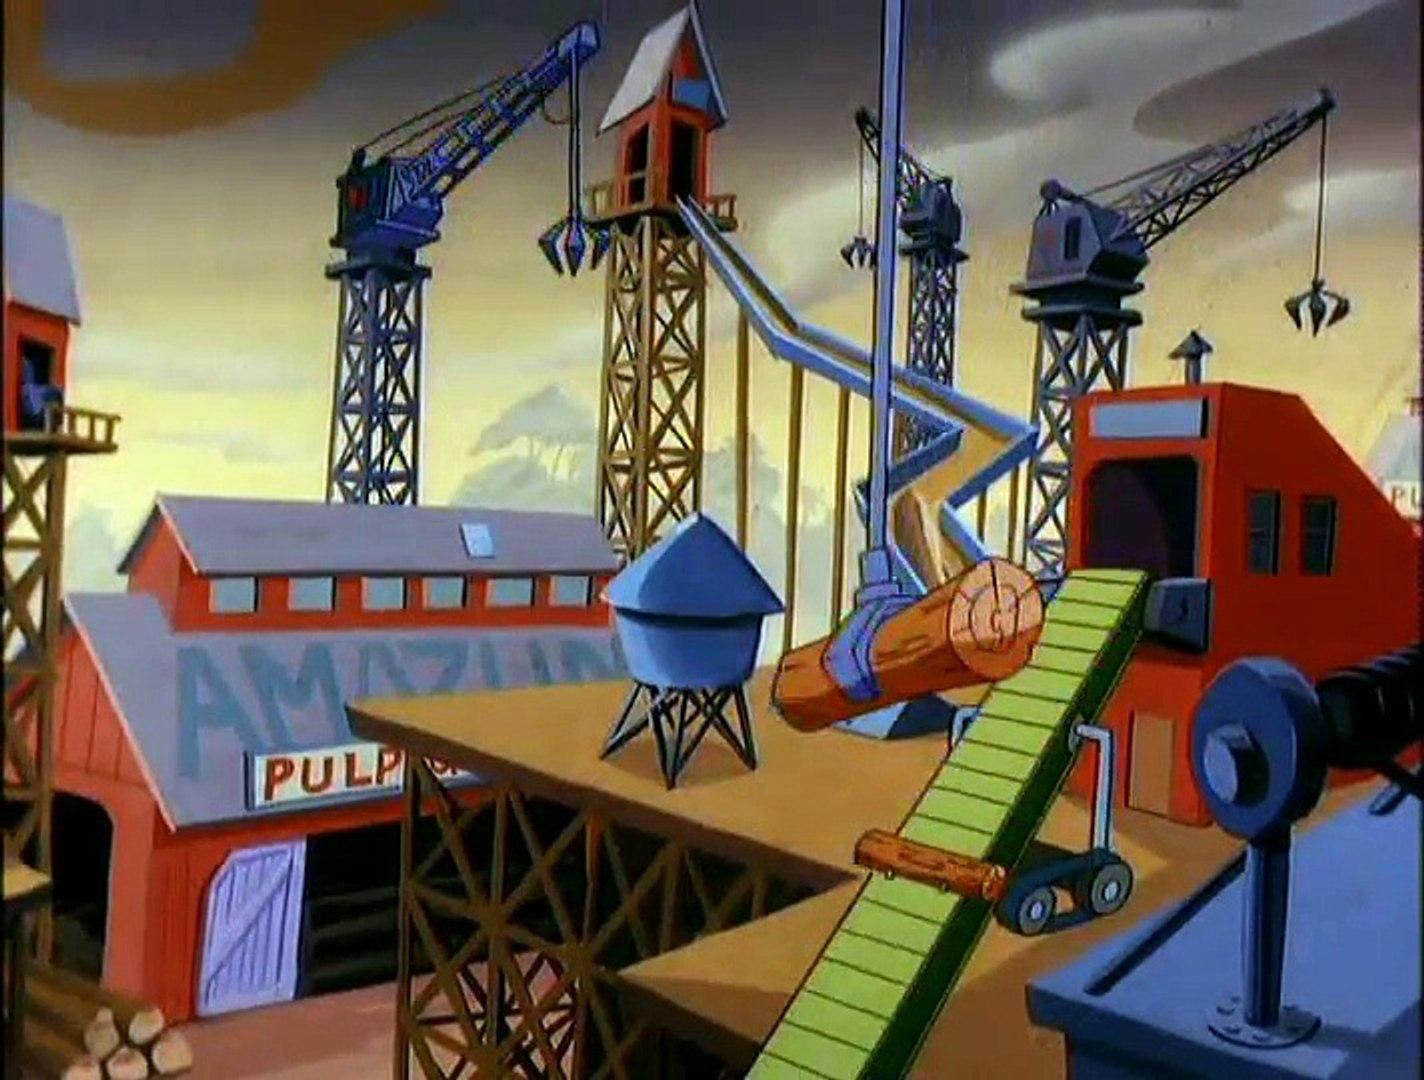 Animaniacs - E 23 - Be Careful What You Eat - Up the Crazy River - Ta Da Dump, Ta Da Dump, Ta Da Dum